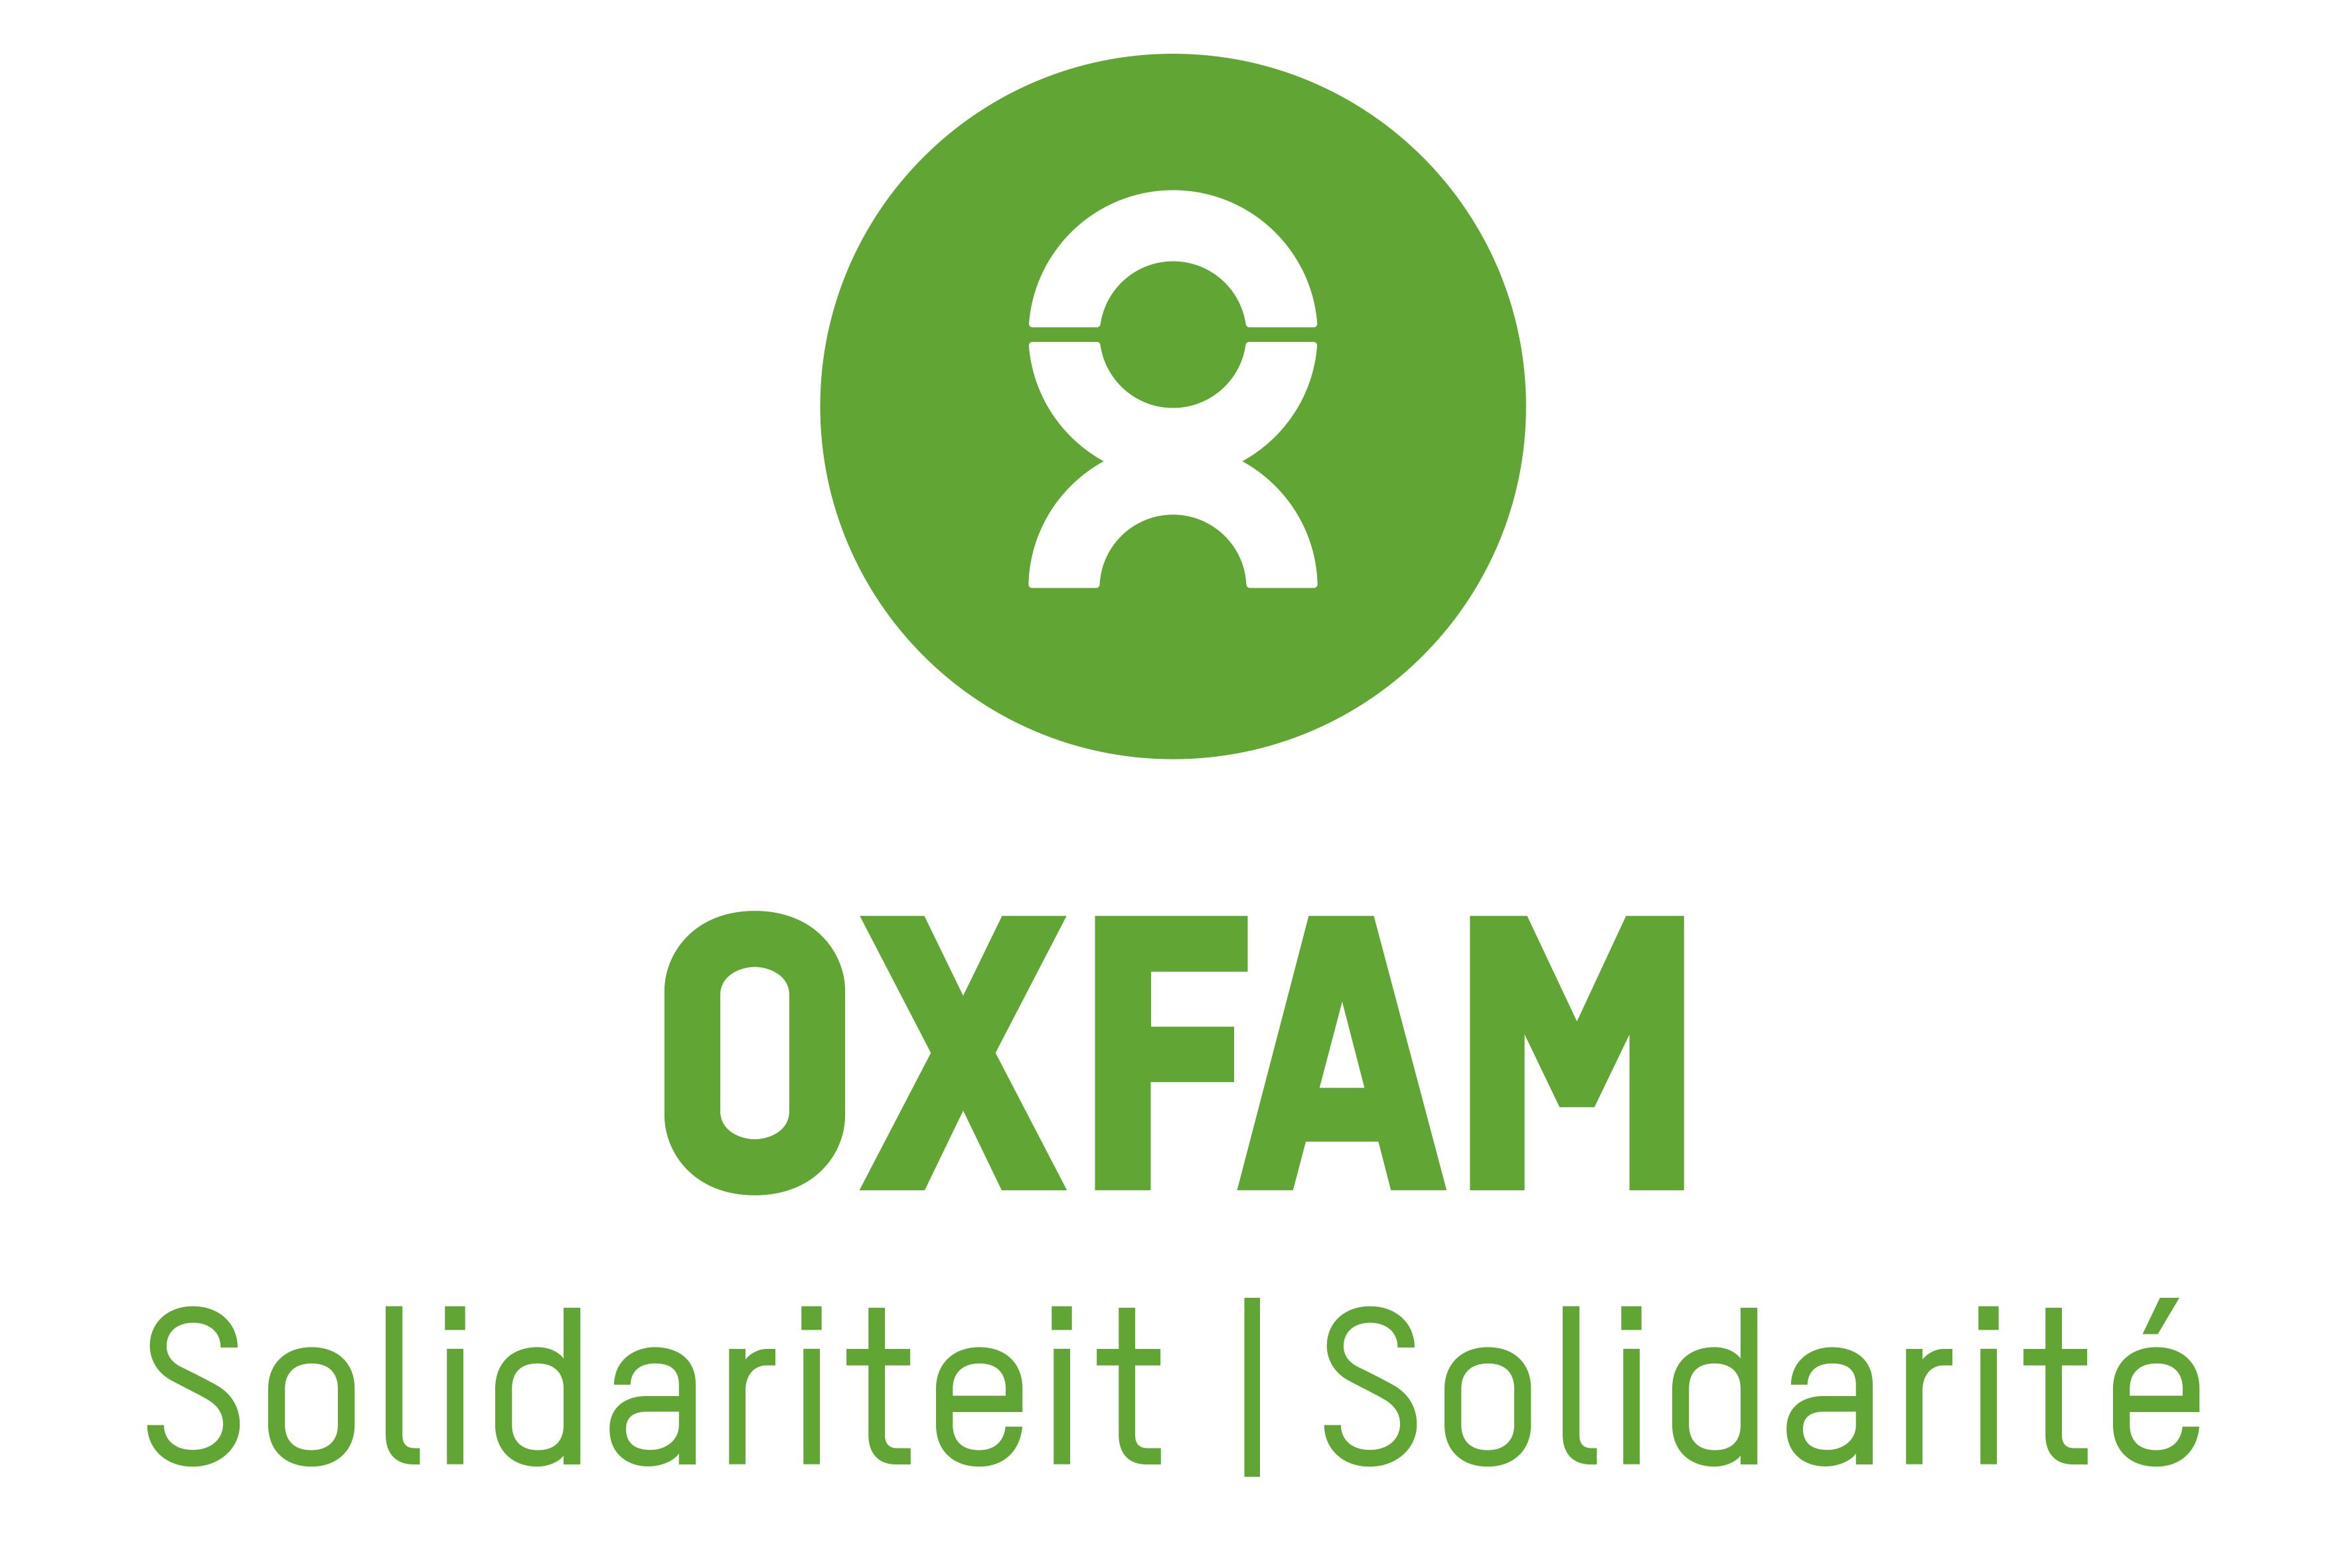 Oxfam-solidarité: Reconditionnement d'ordinateurs portables pour le marché belge